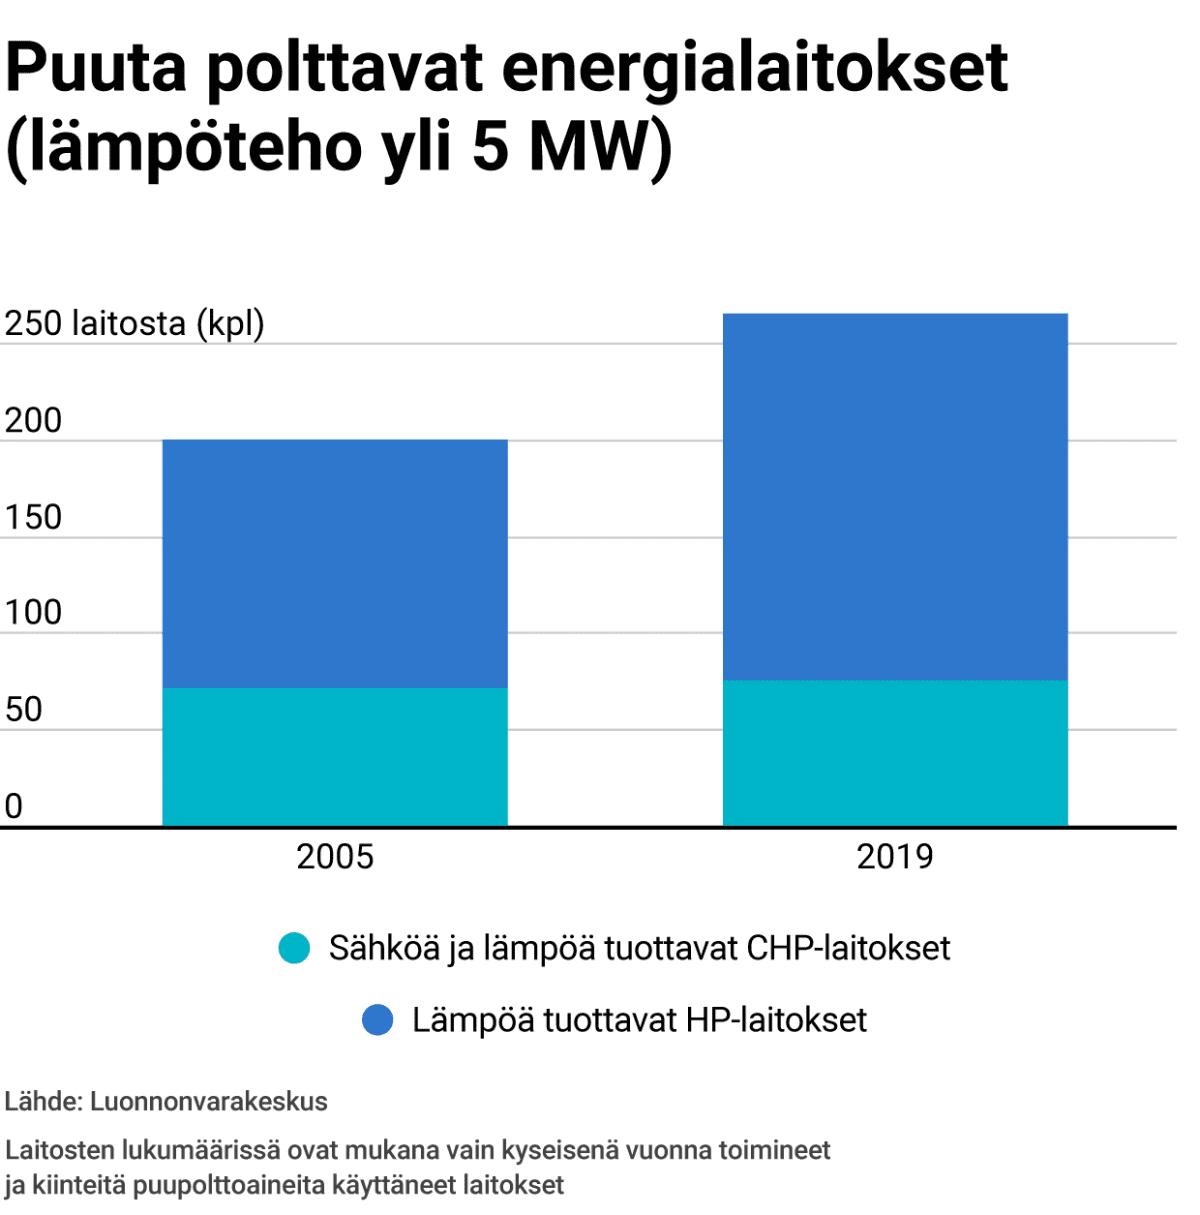 Grafiikka kertoo, että puuta polttavien energialaitosten määrä on kasvanut Suomessa selvästi 15 vuodessa